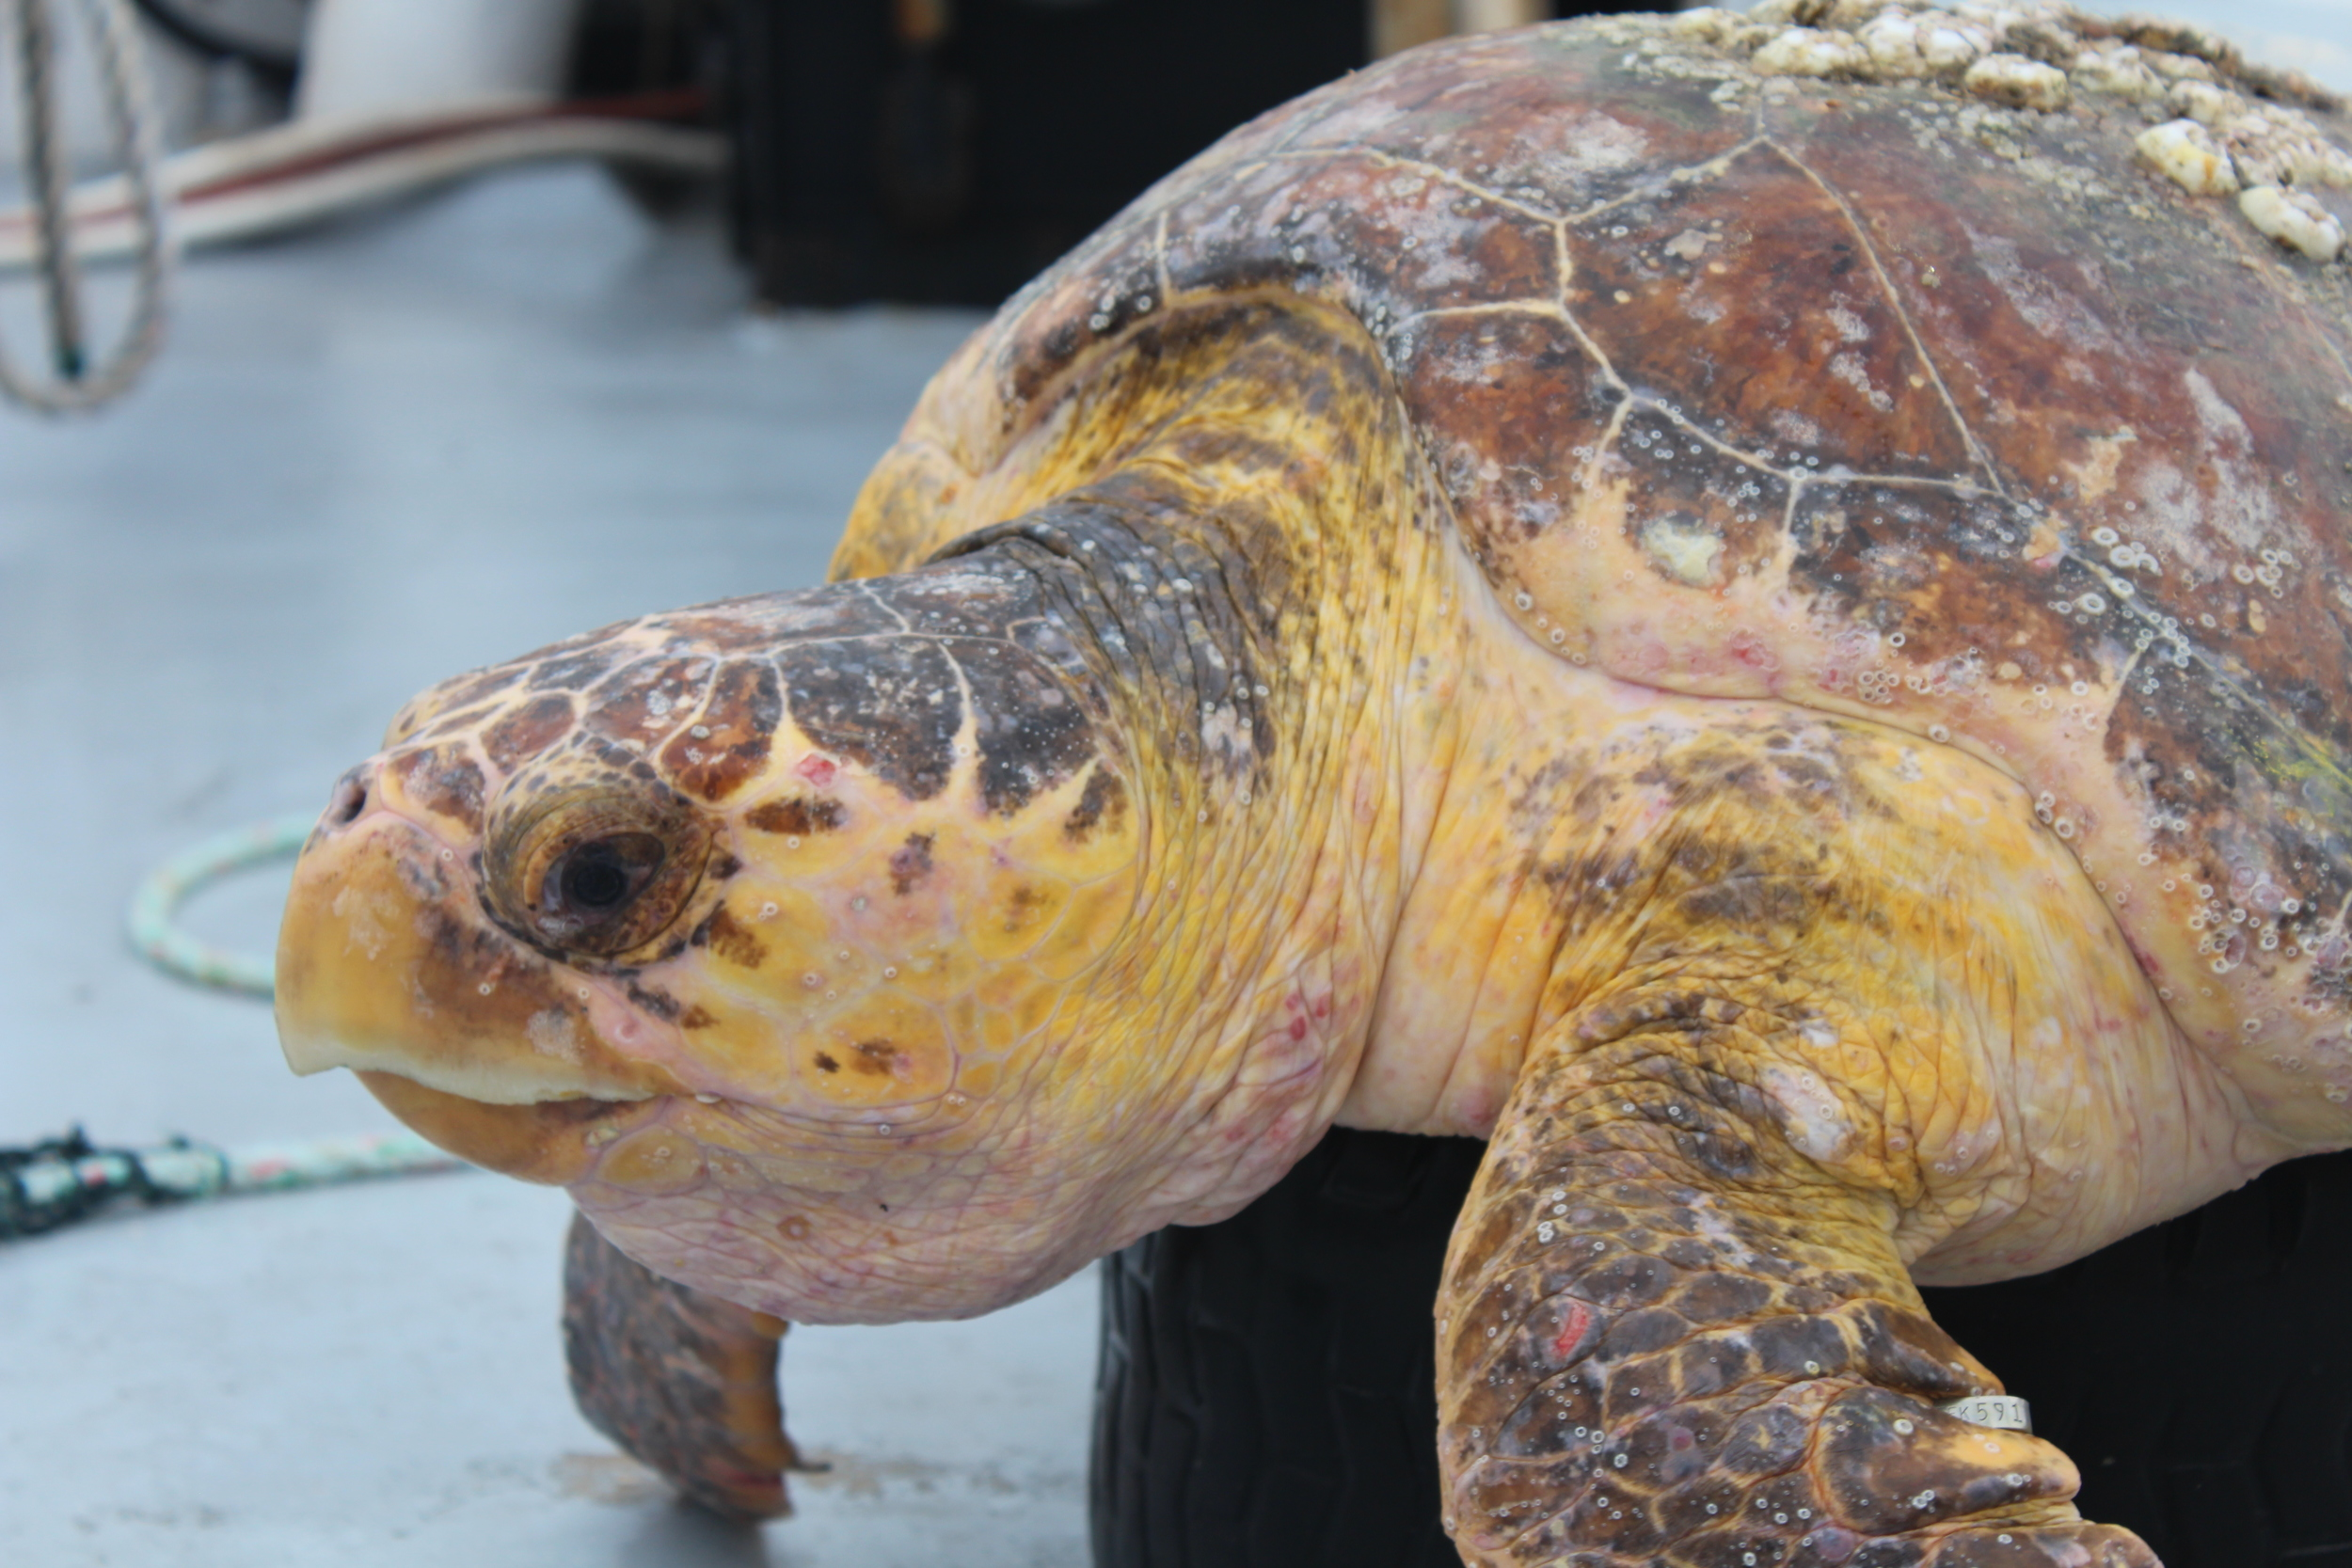 The Sea Turtle Cruise